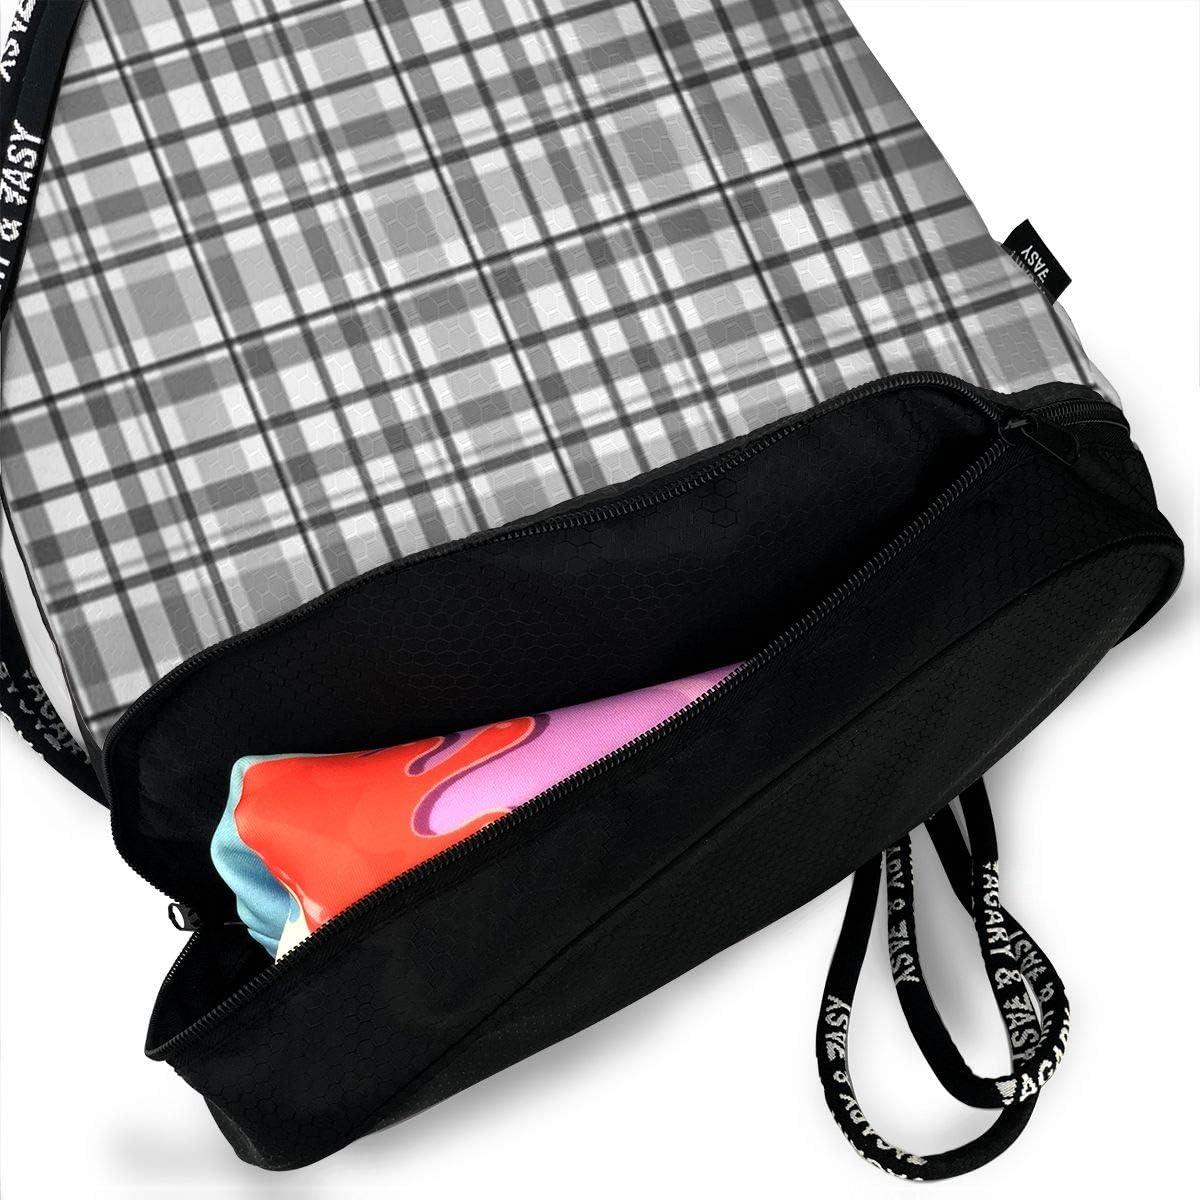 HUOPR5Q Gray Plaid Drawstring Backpack Sport Gym Sack Shoulder Bulk Bag Dance Bag for School Travel